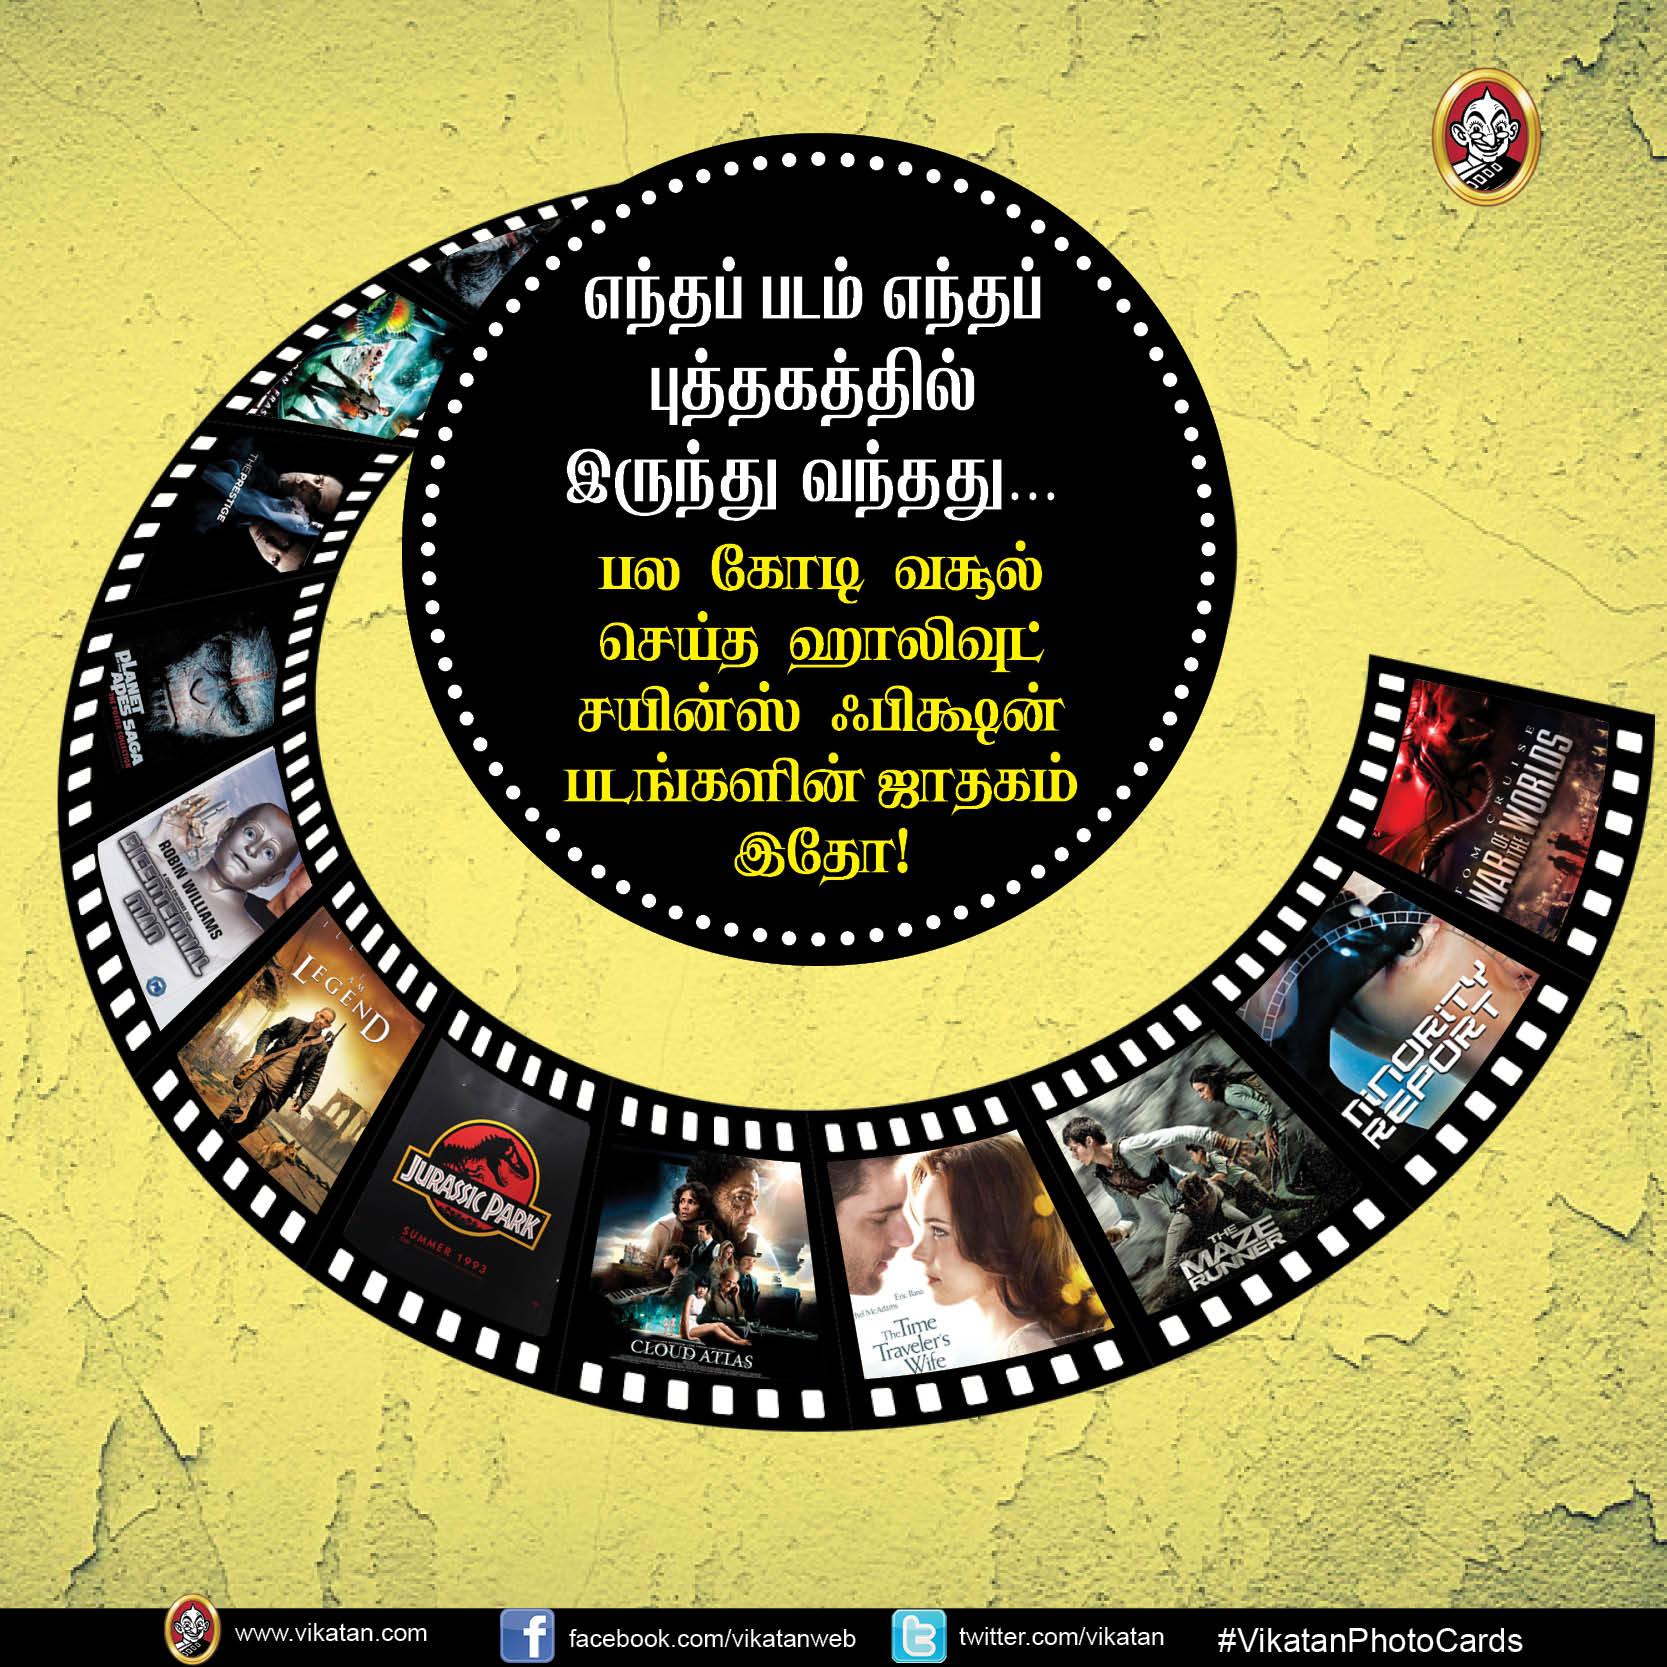 பல கோடி வசூல் செய்த ஹாலிவுட் சயின்ஸ் ஃபிக்ஷன் படங்களின் ஜாதகம்! #VikatanPhotoCards